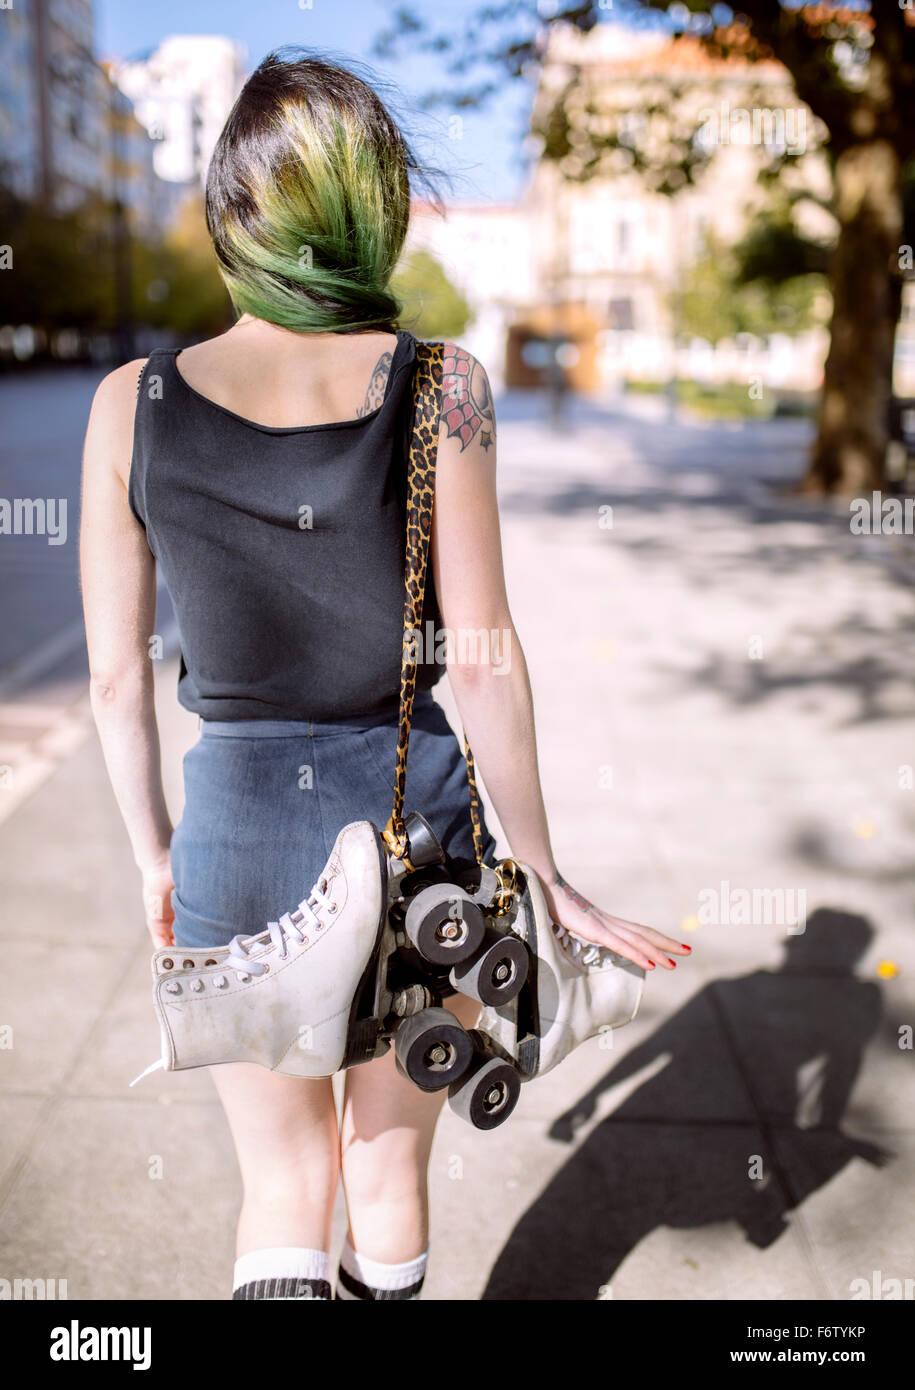 Spagna Gijon, vista posteriore della giovane donna con il verde dei capelli tinti che porta pattini inline sulla Foto Stock